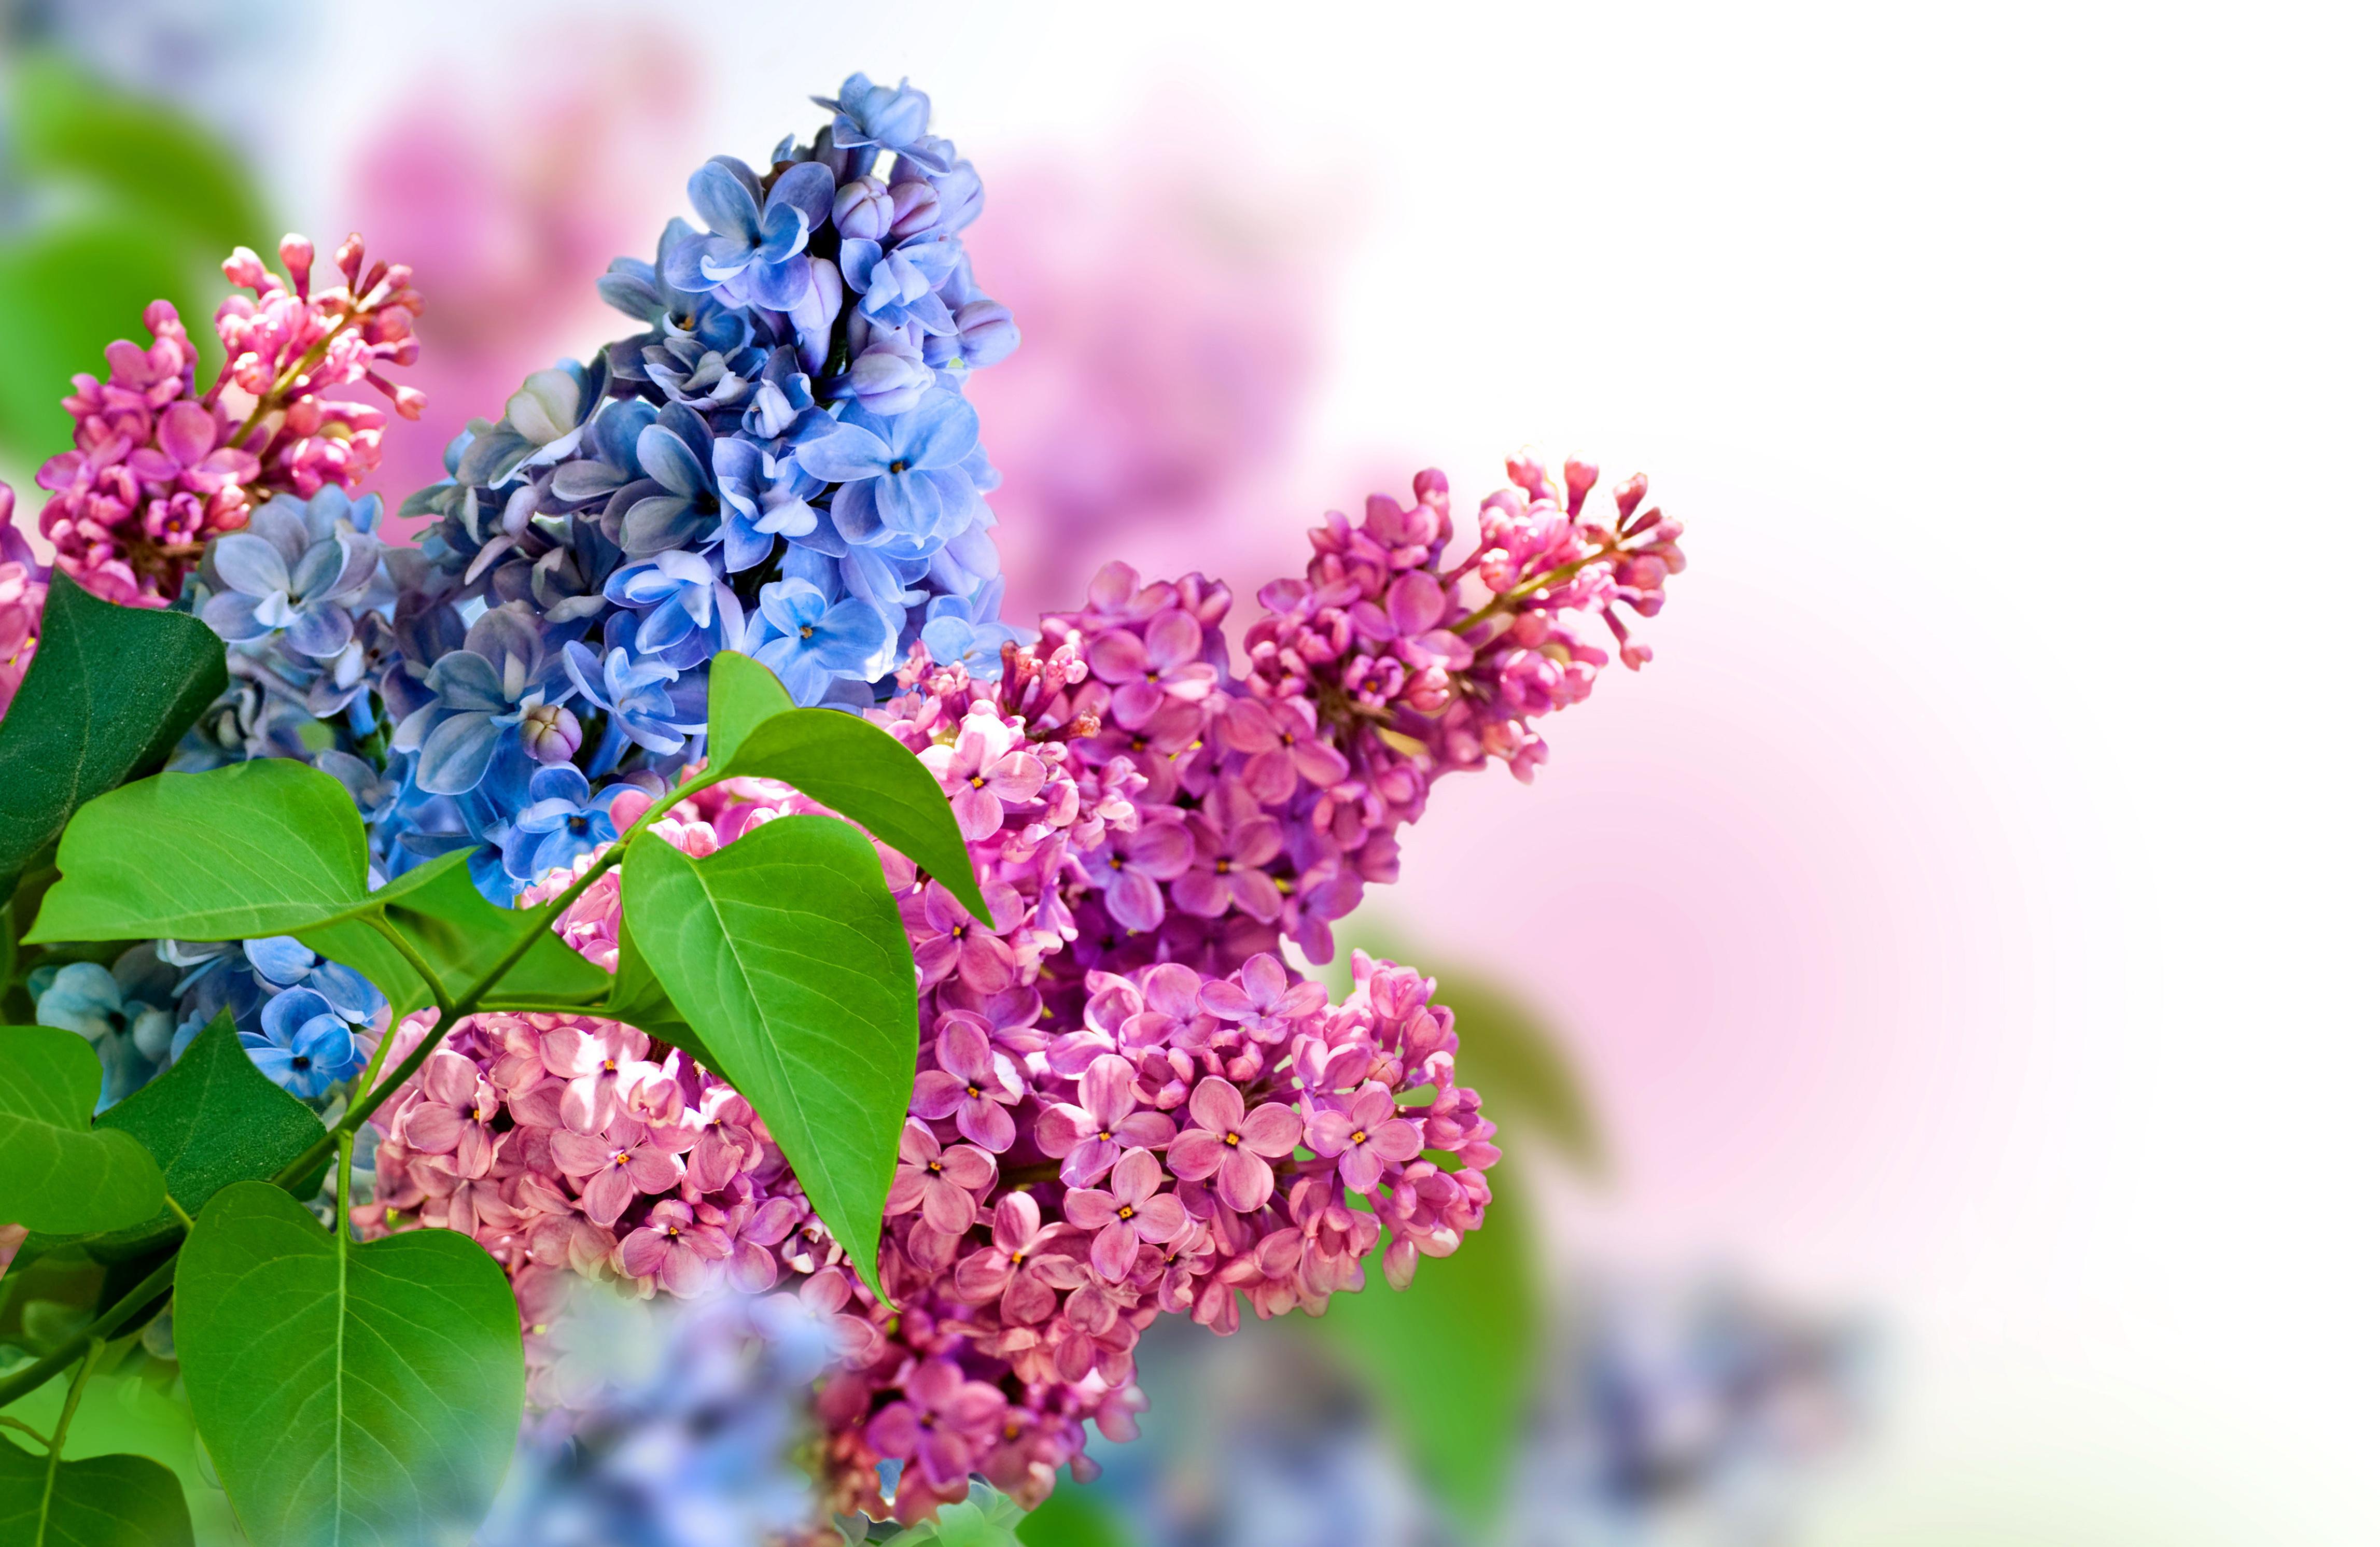 Картинка: Сирень, цветы, яркая